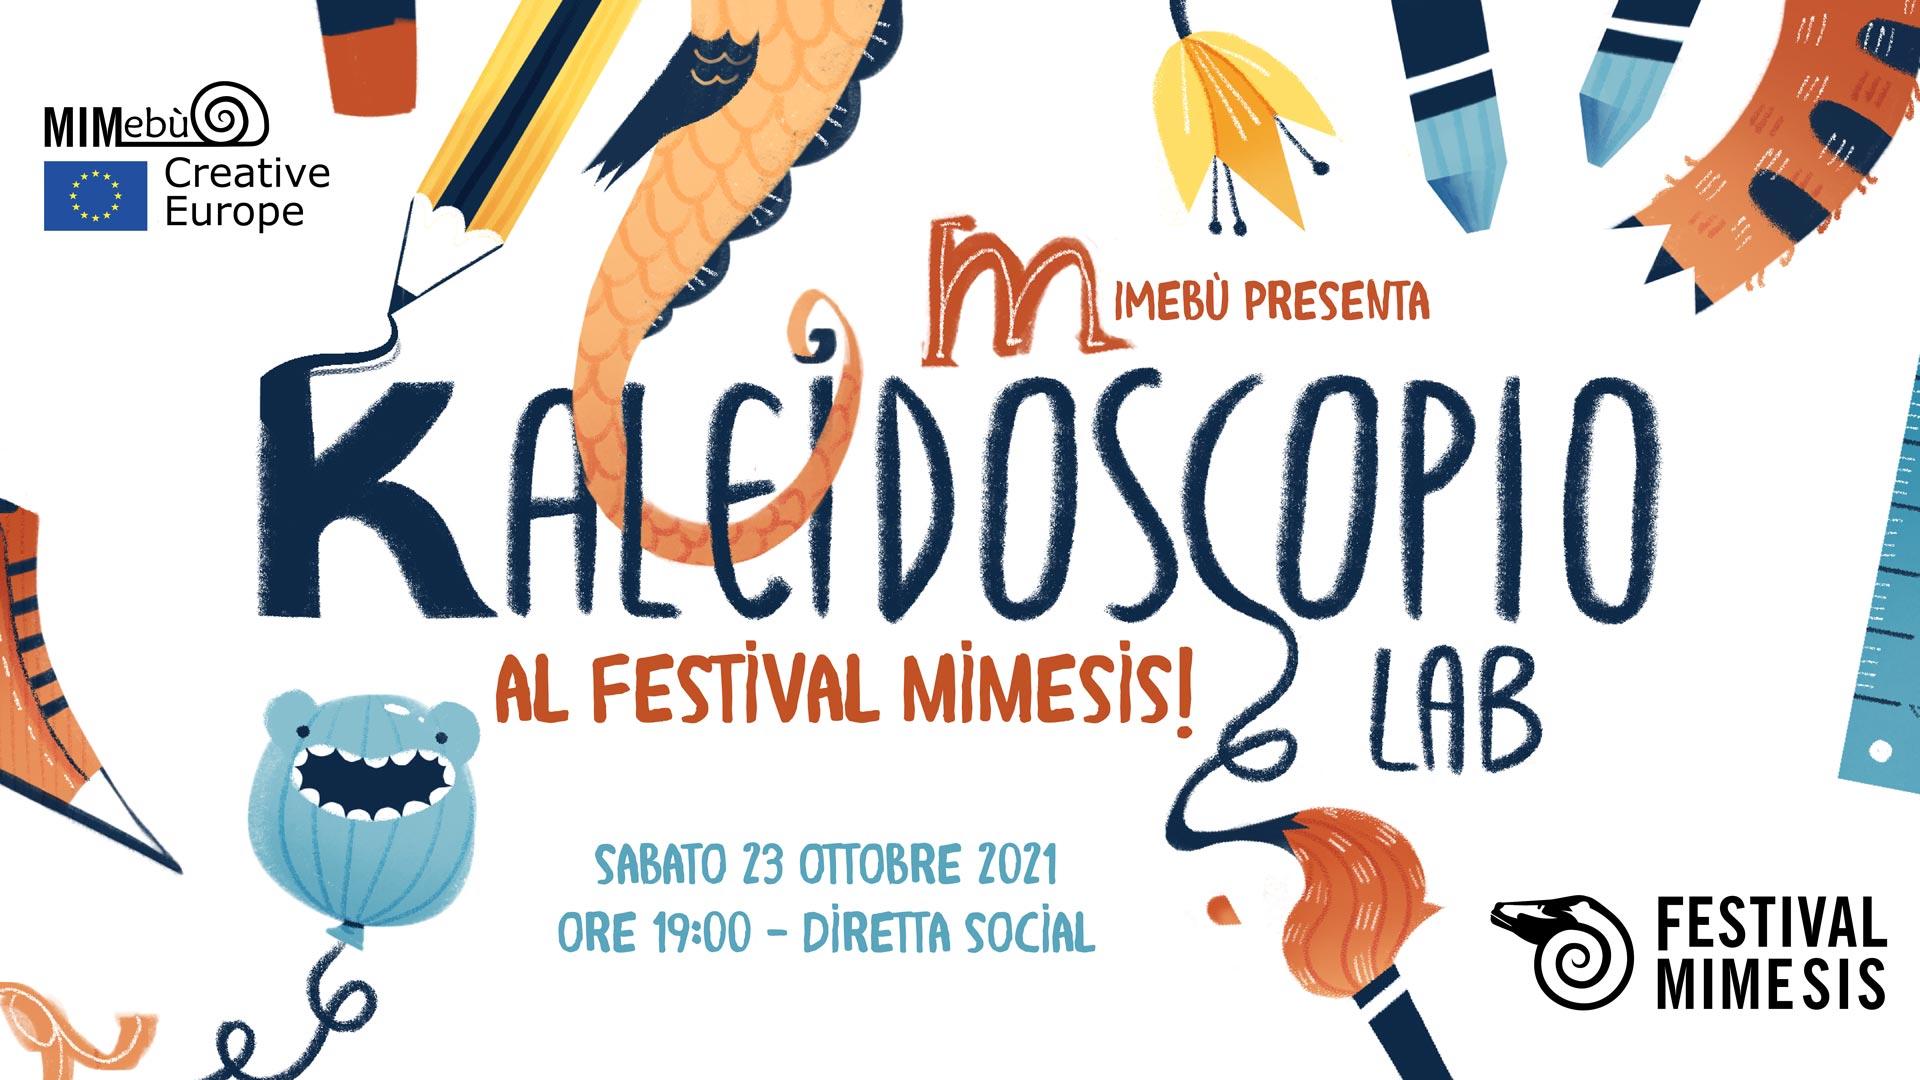 Evento-Mimesis-festival-Kaleidoscopio